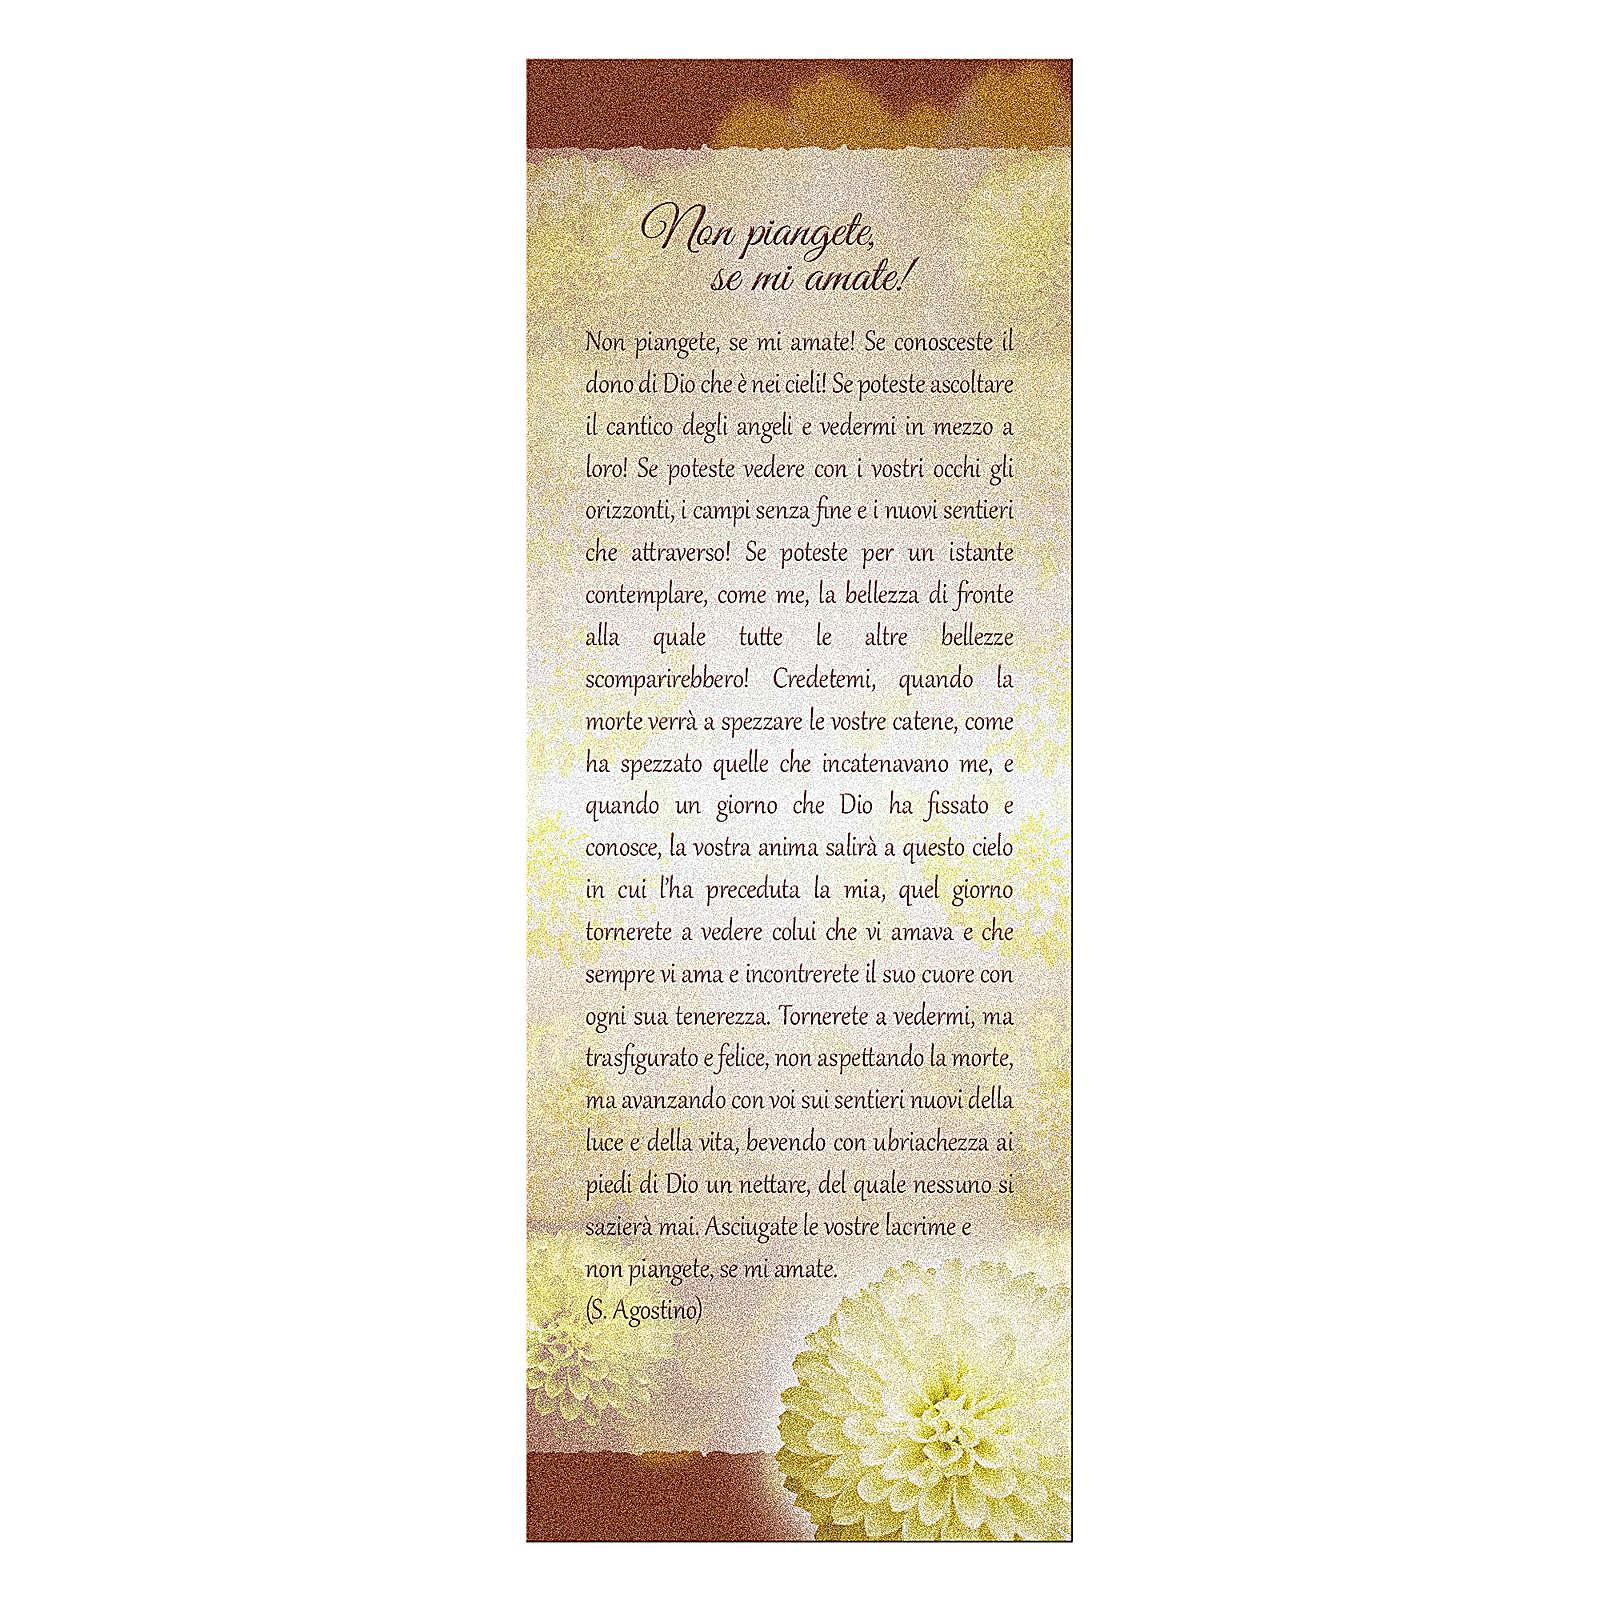 Segnalibro carta perlata Crisantemo Non Piangete 15x5 cm 4